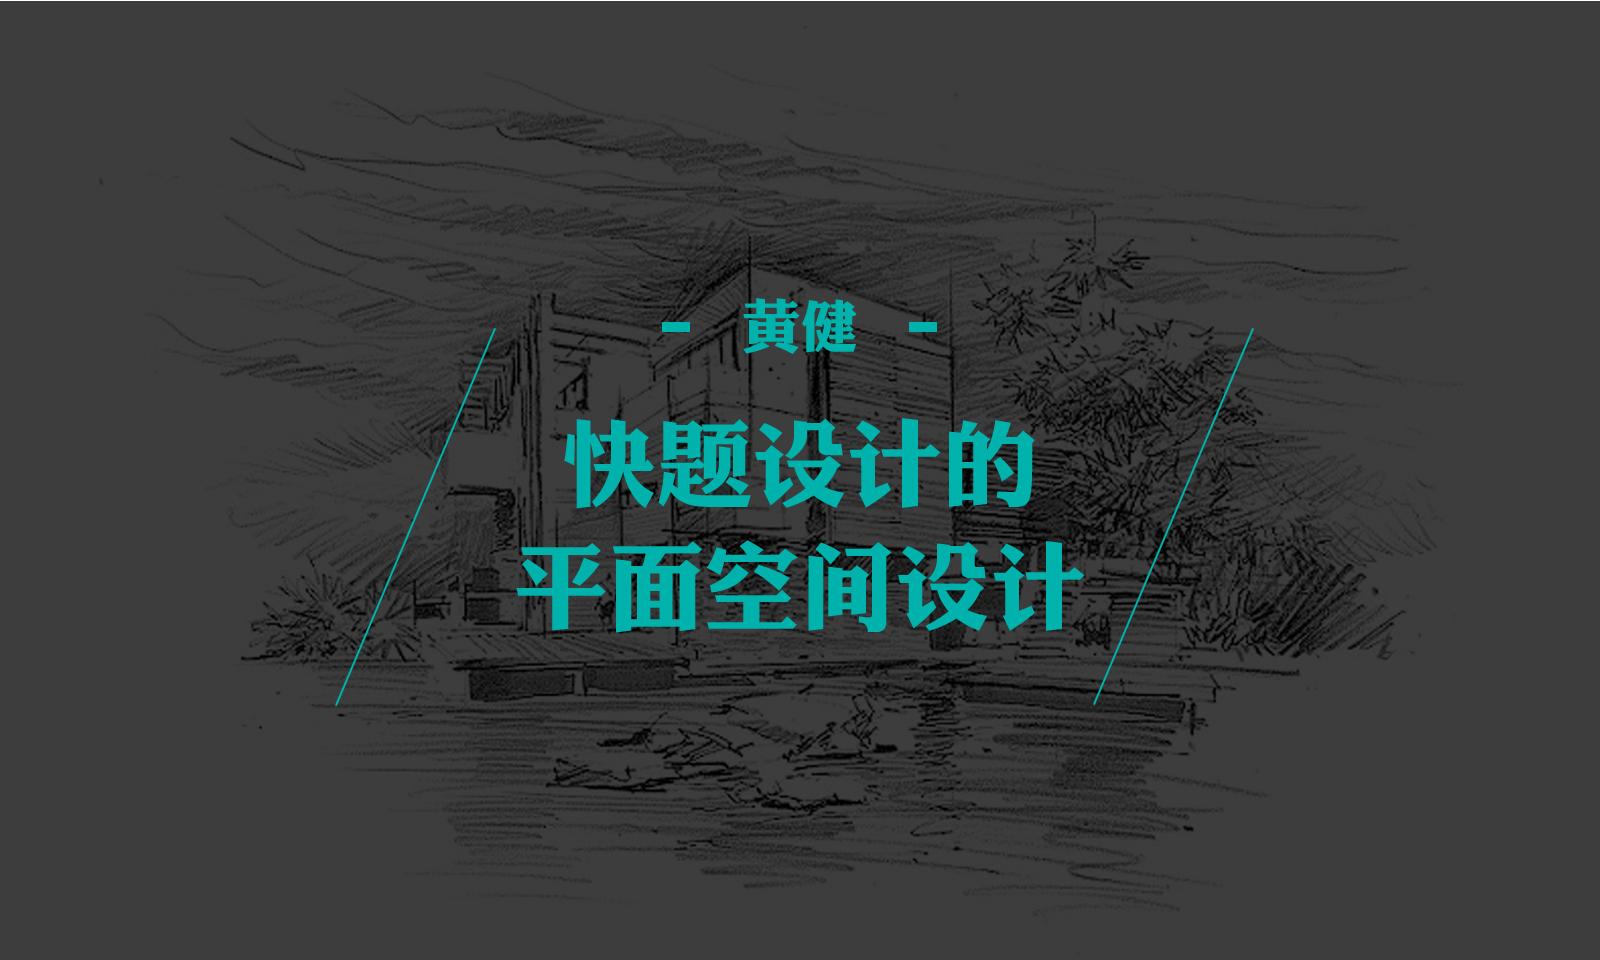 黄健:快题设计的平面空间设计